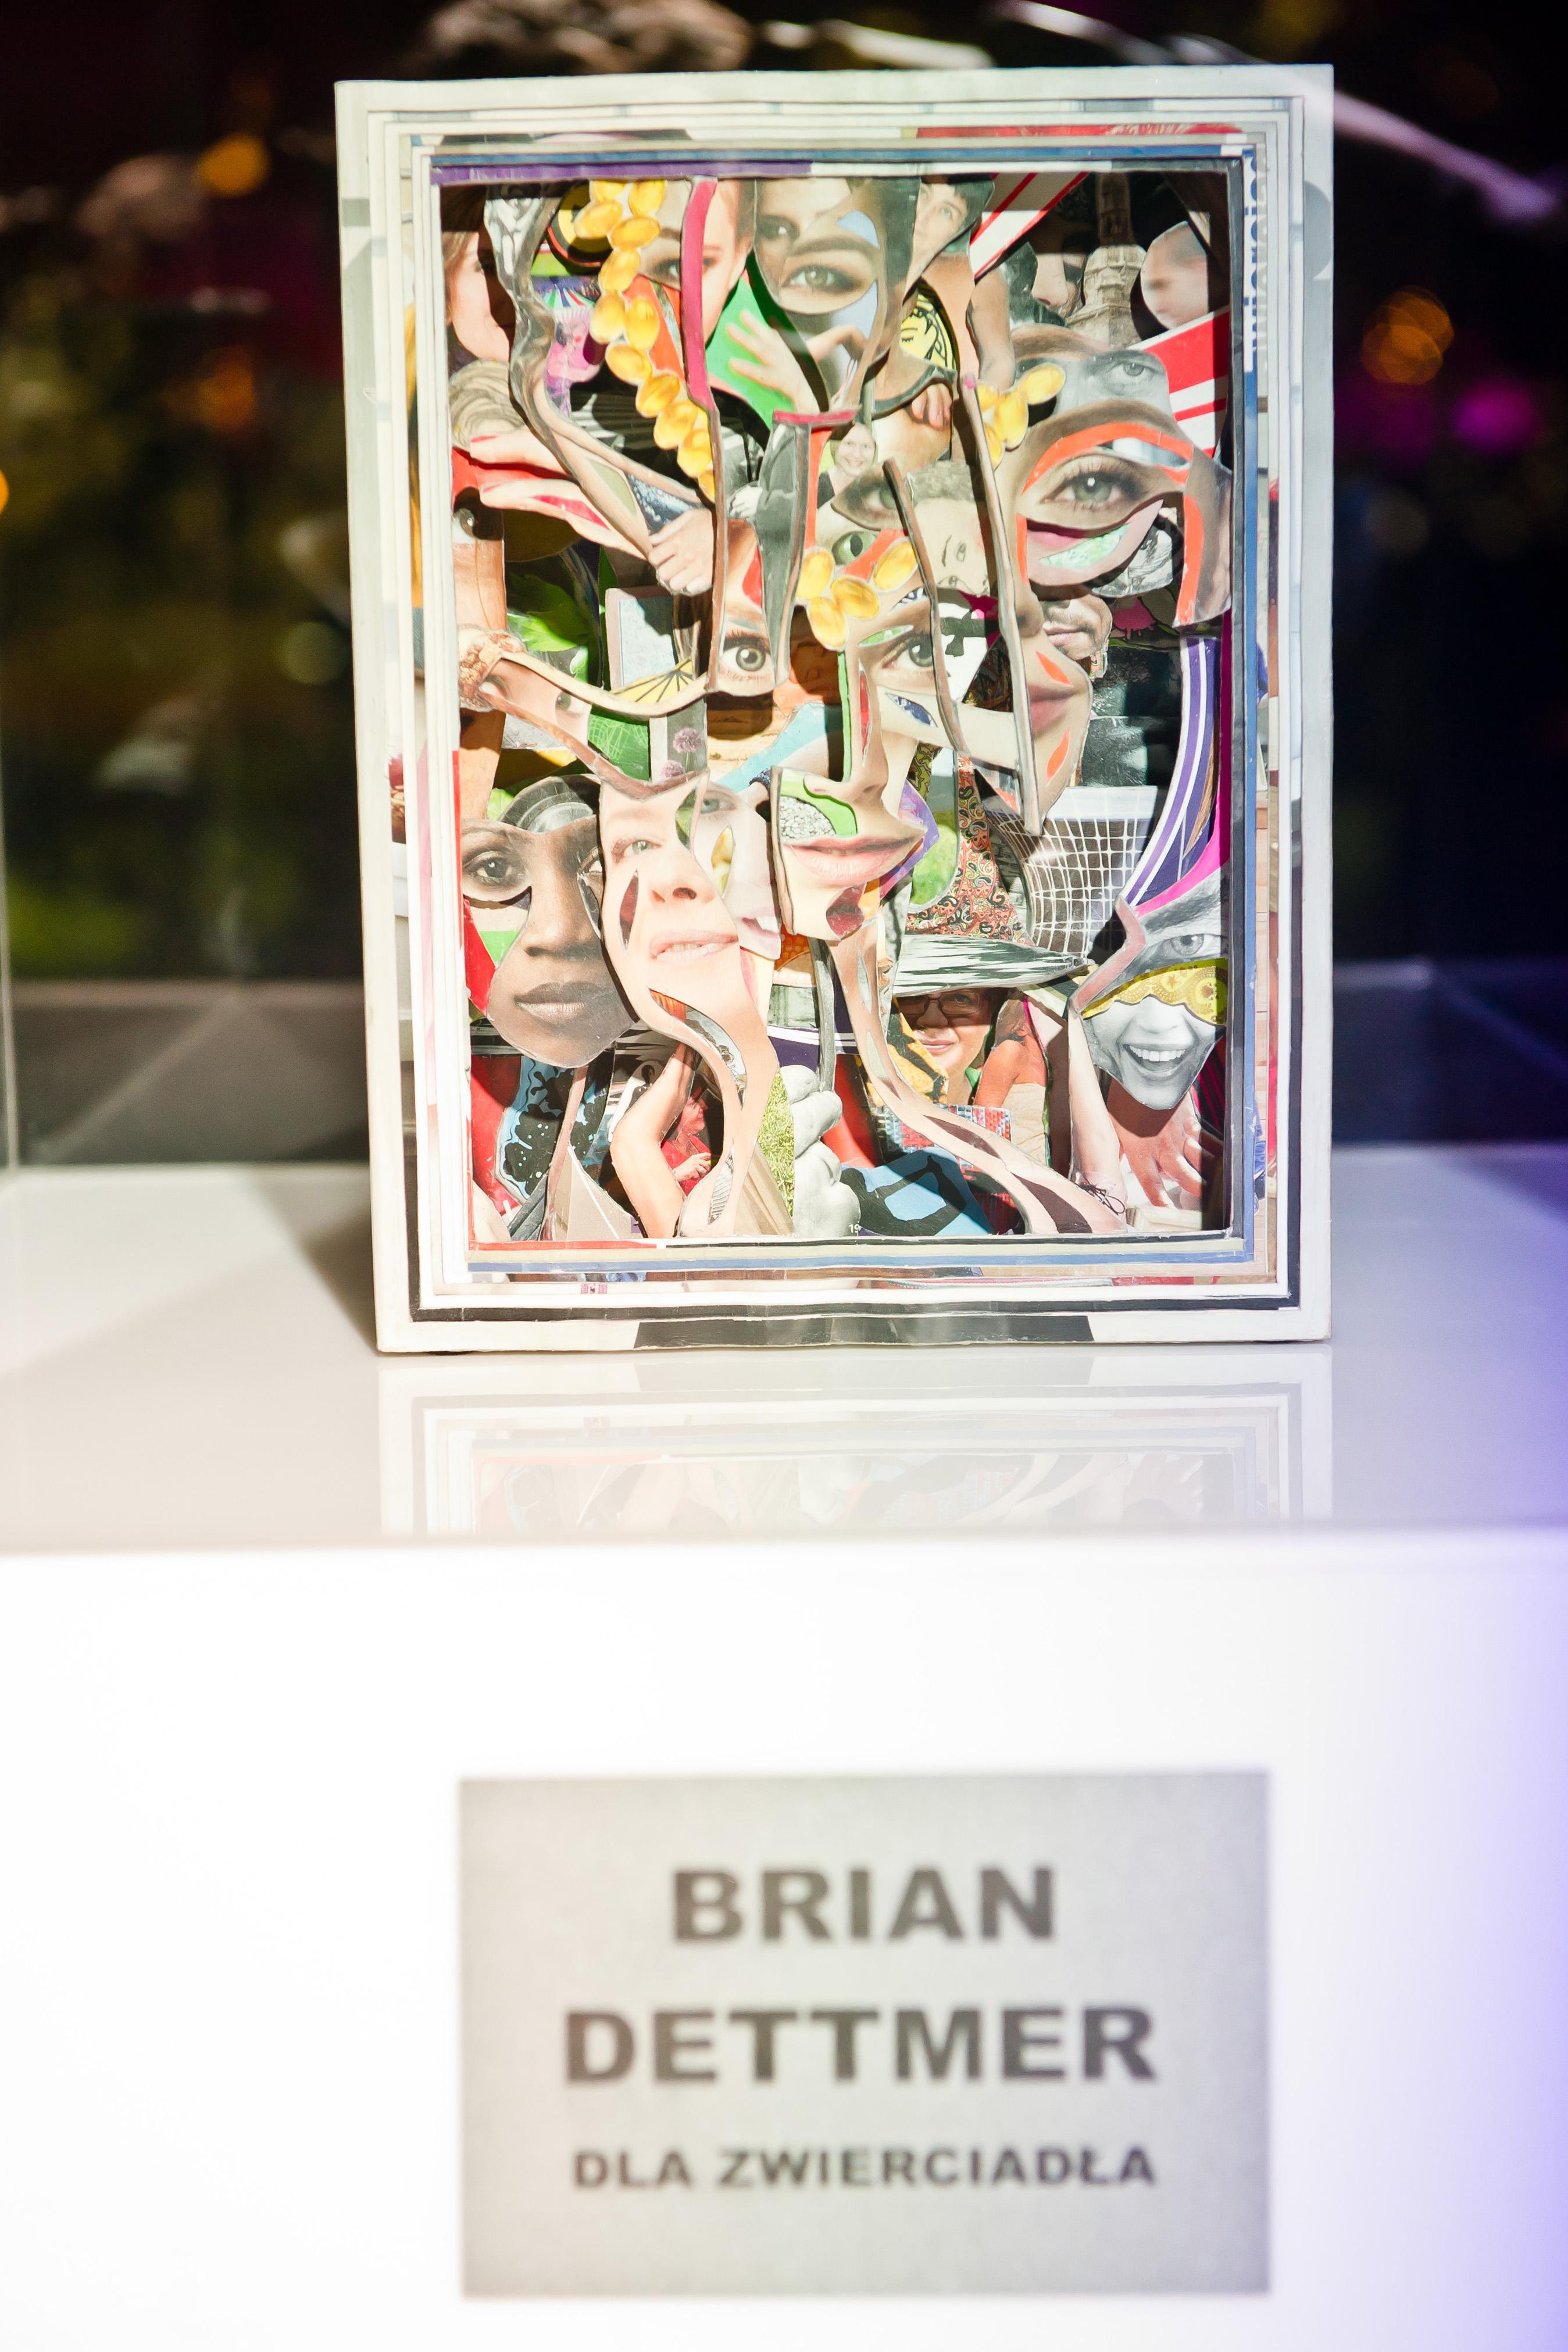 Archiwum Zwierciadło / Rzeźba Briana Dettmera